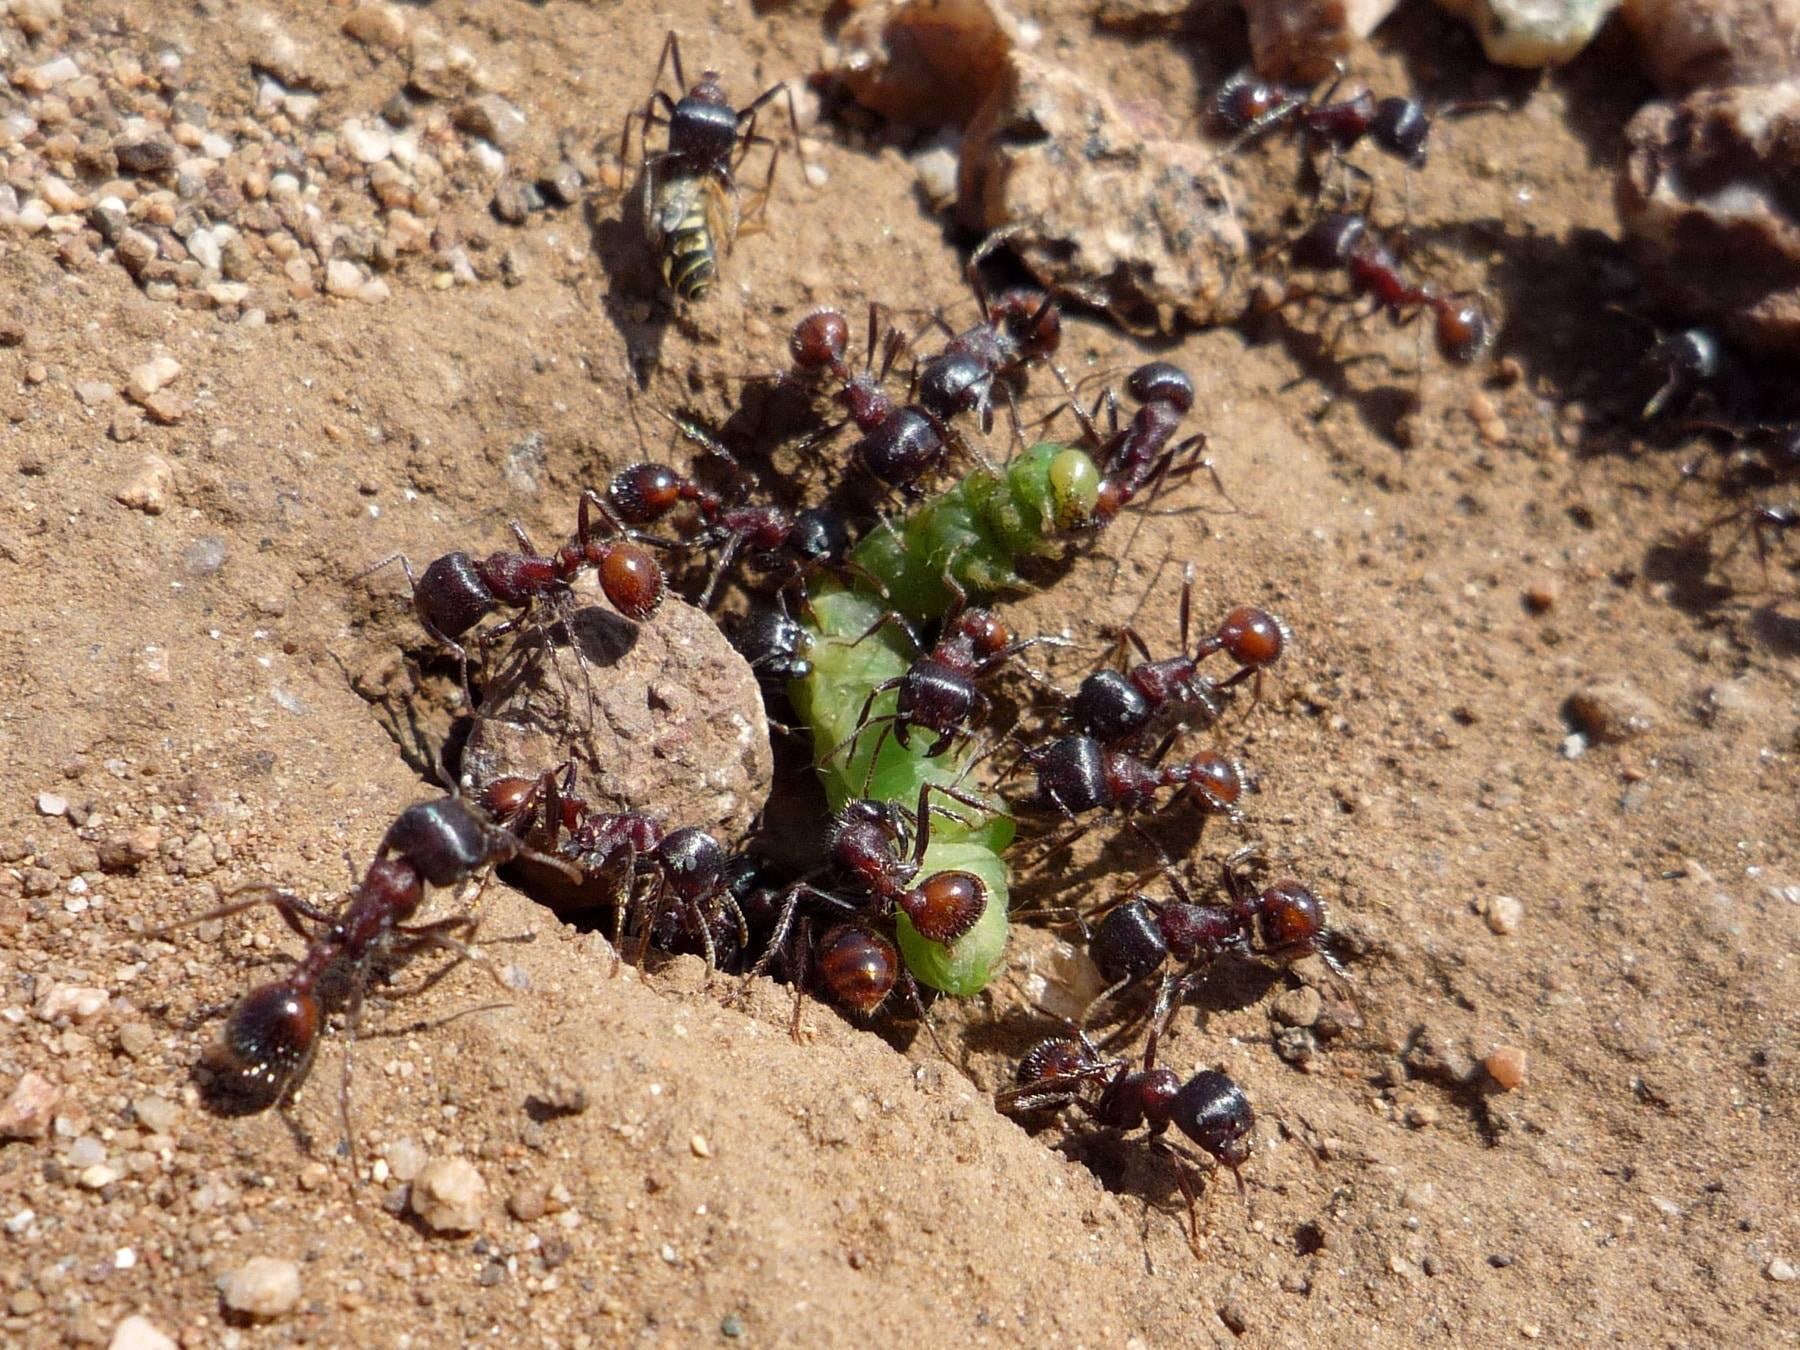 Как быстро вывести муравьев из теплицы: физические методы, химические средства и народные способы